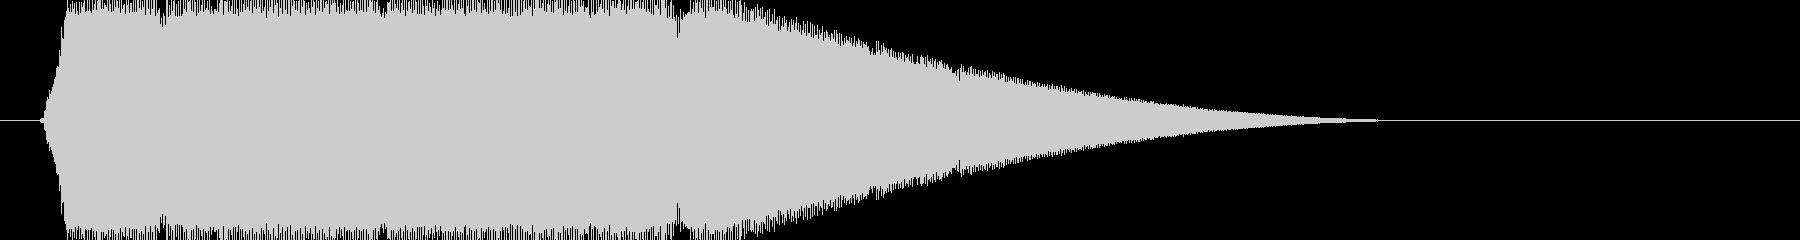 「シールド」SF/シールド起動_003の未再生の波形